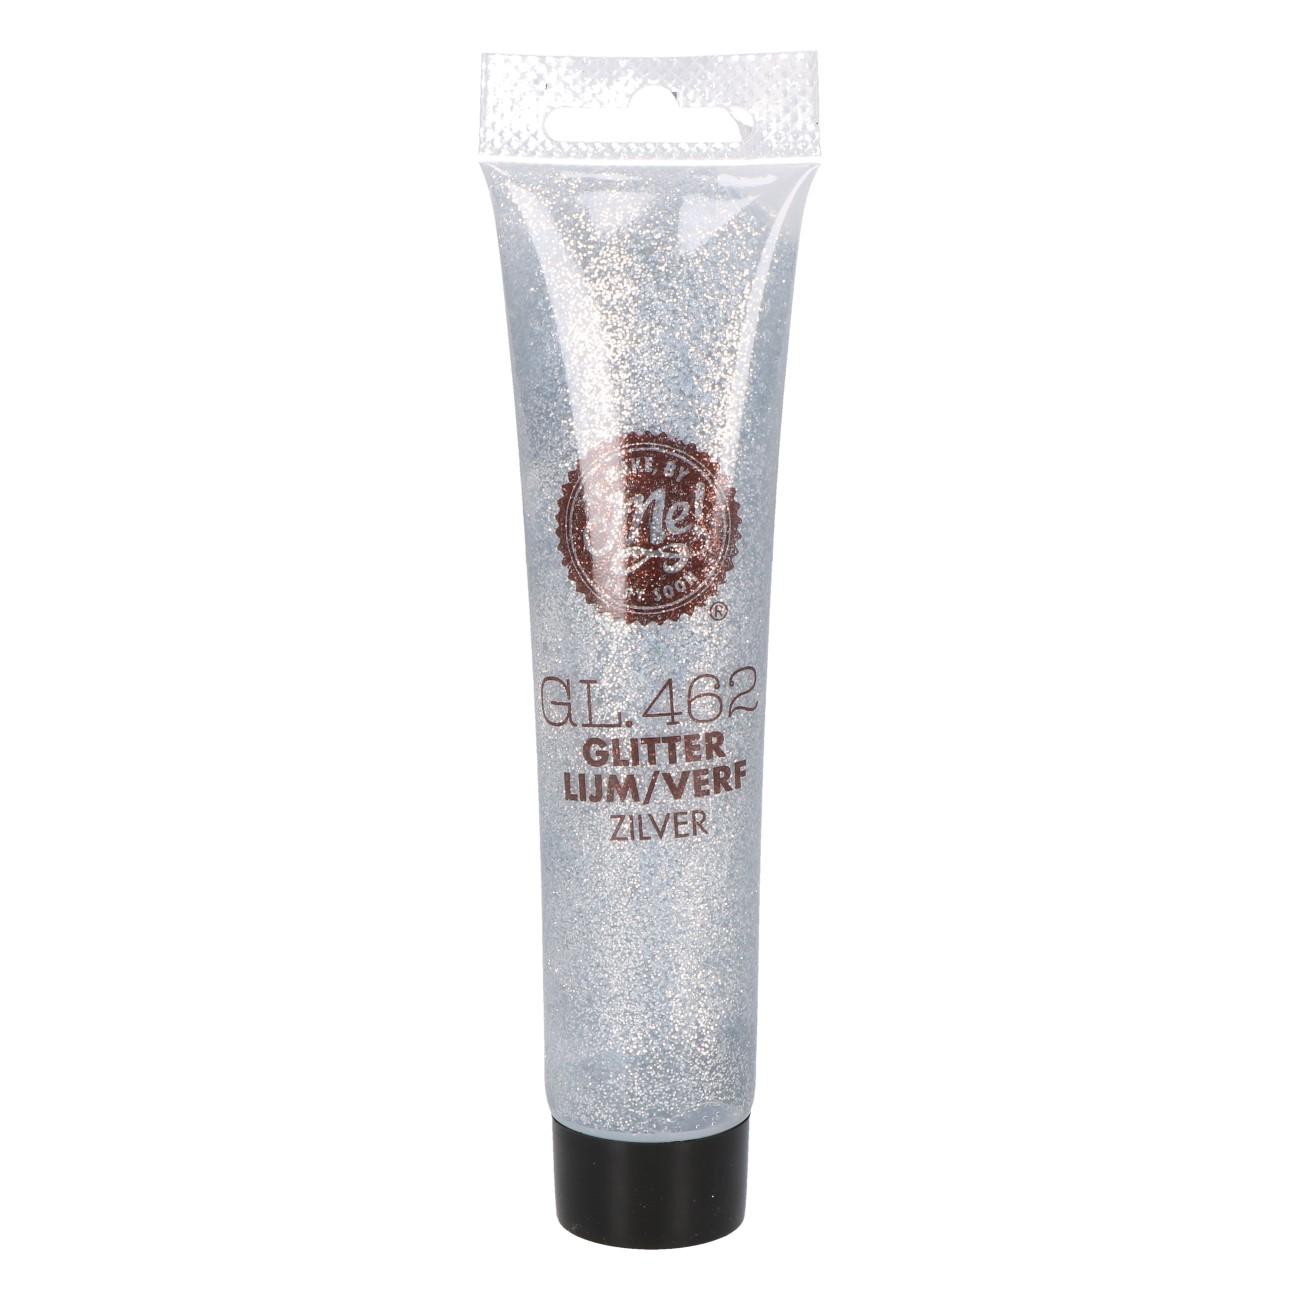 Glitterlijm/verf zilver GL462 75ml